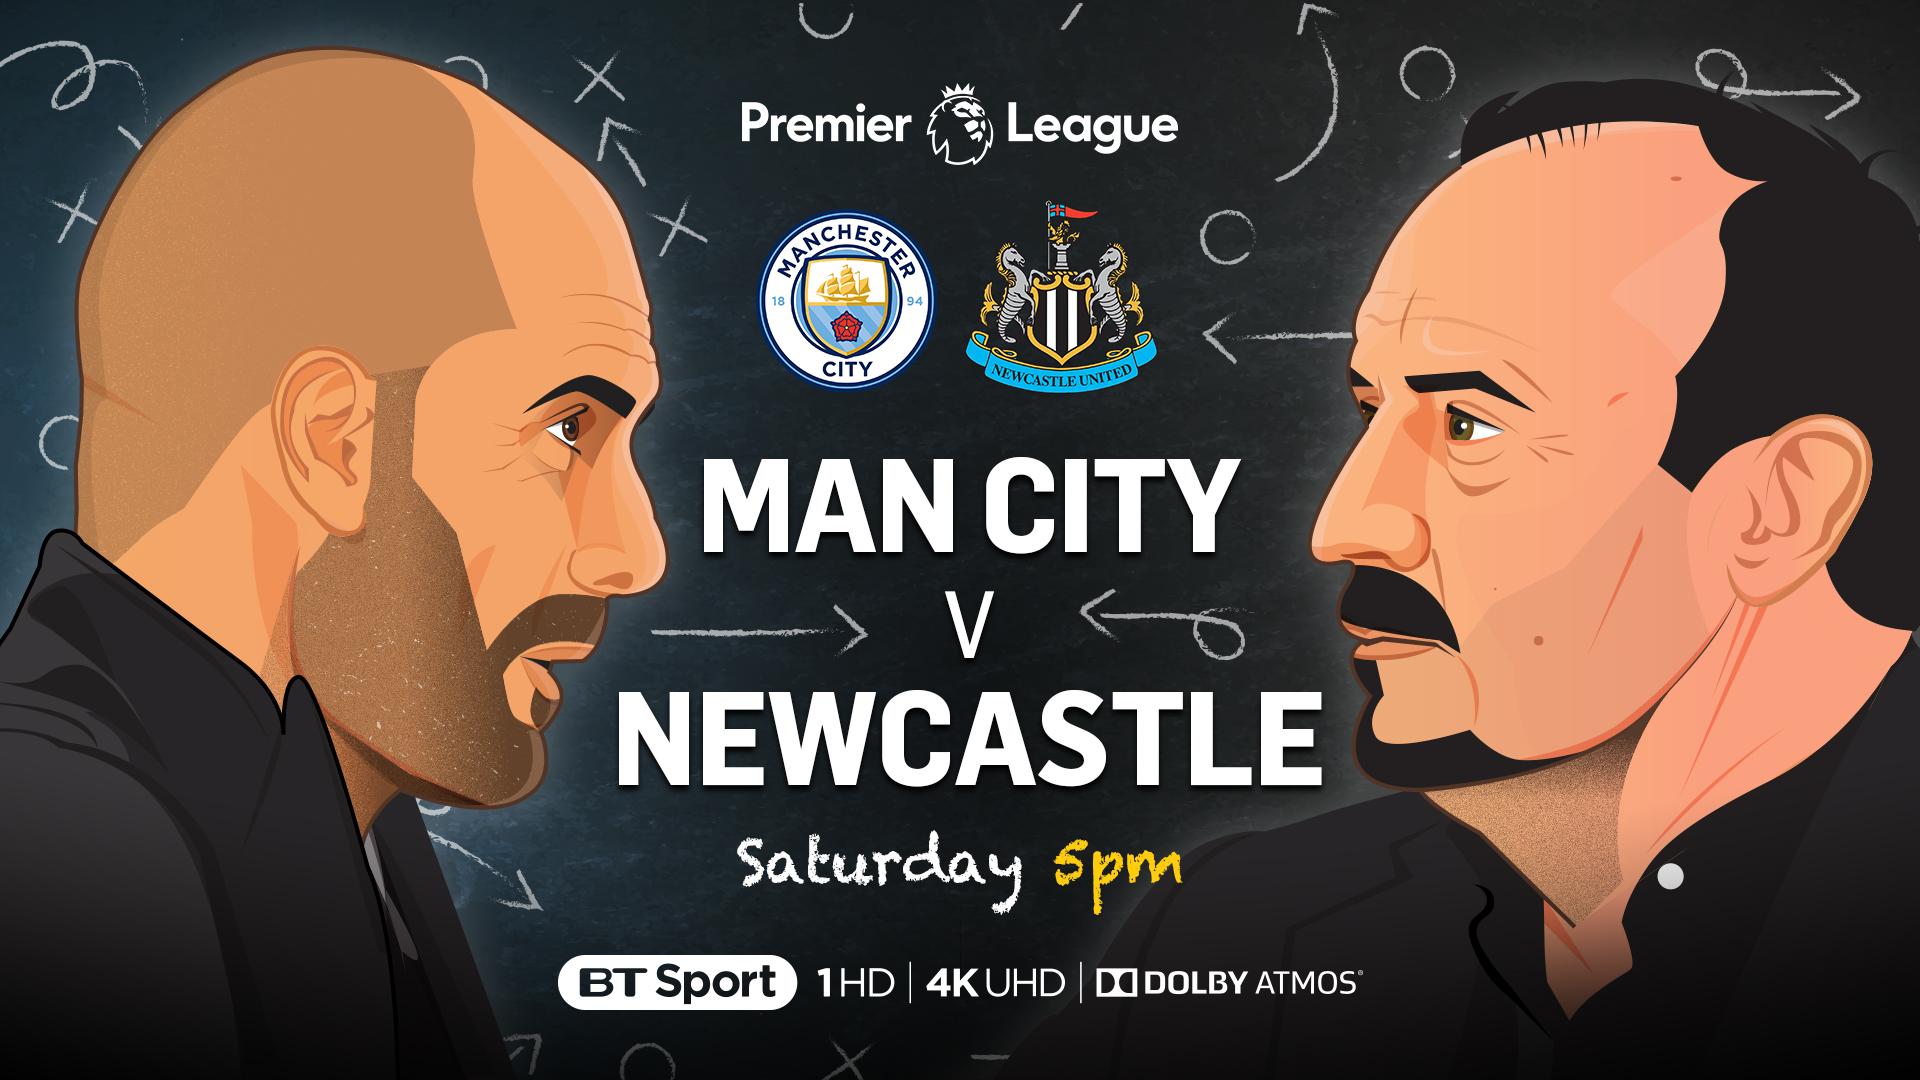 ManCity-v-Newcastle_Illustration.jpg